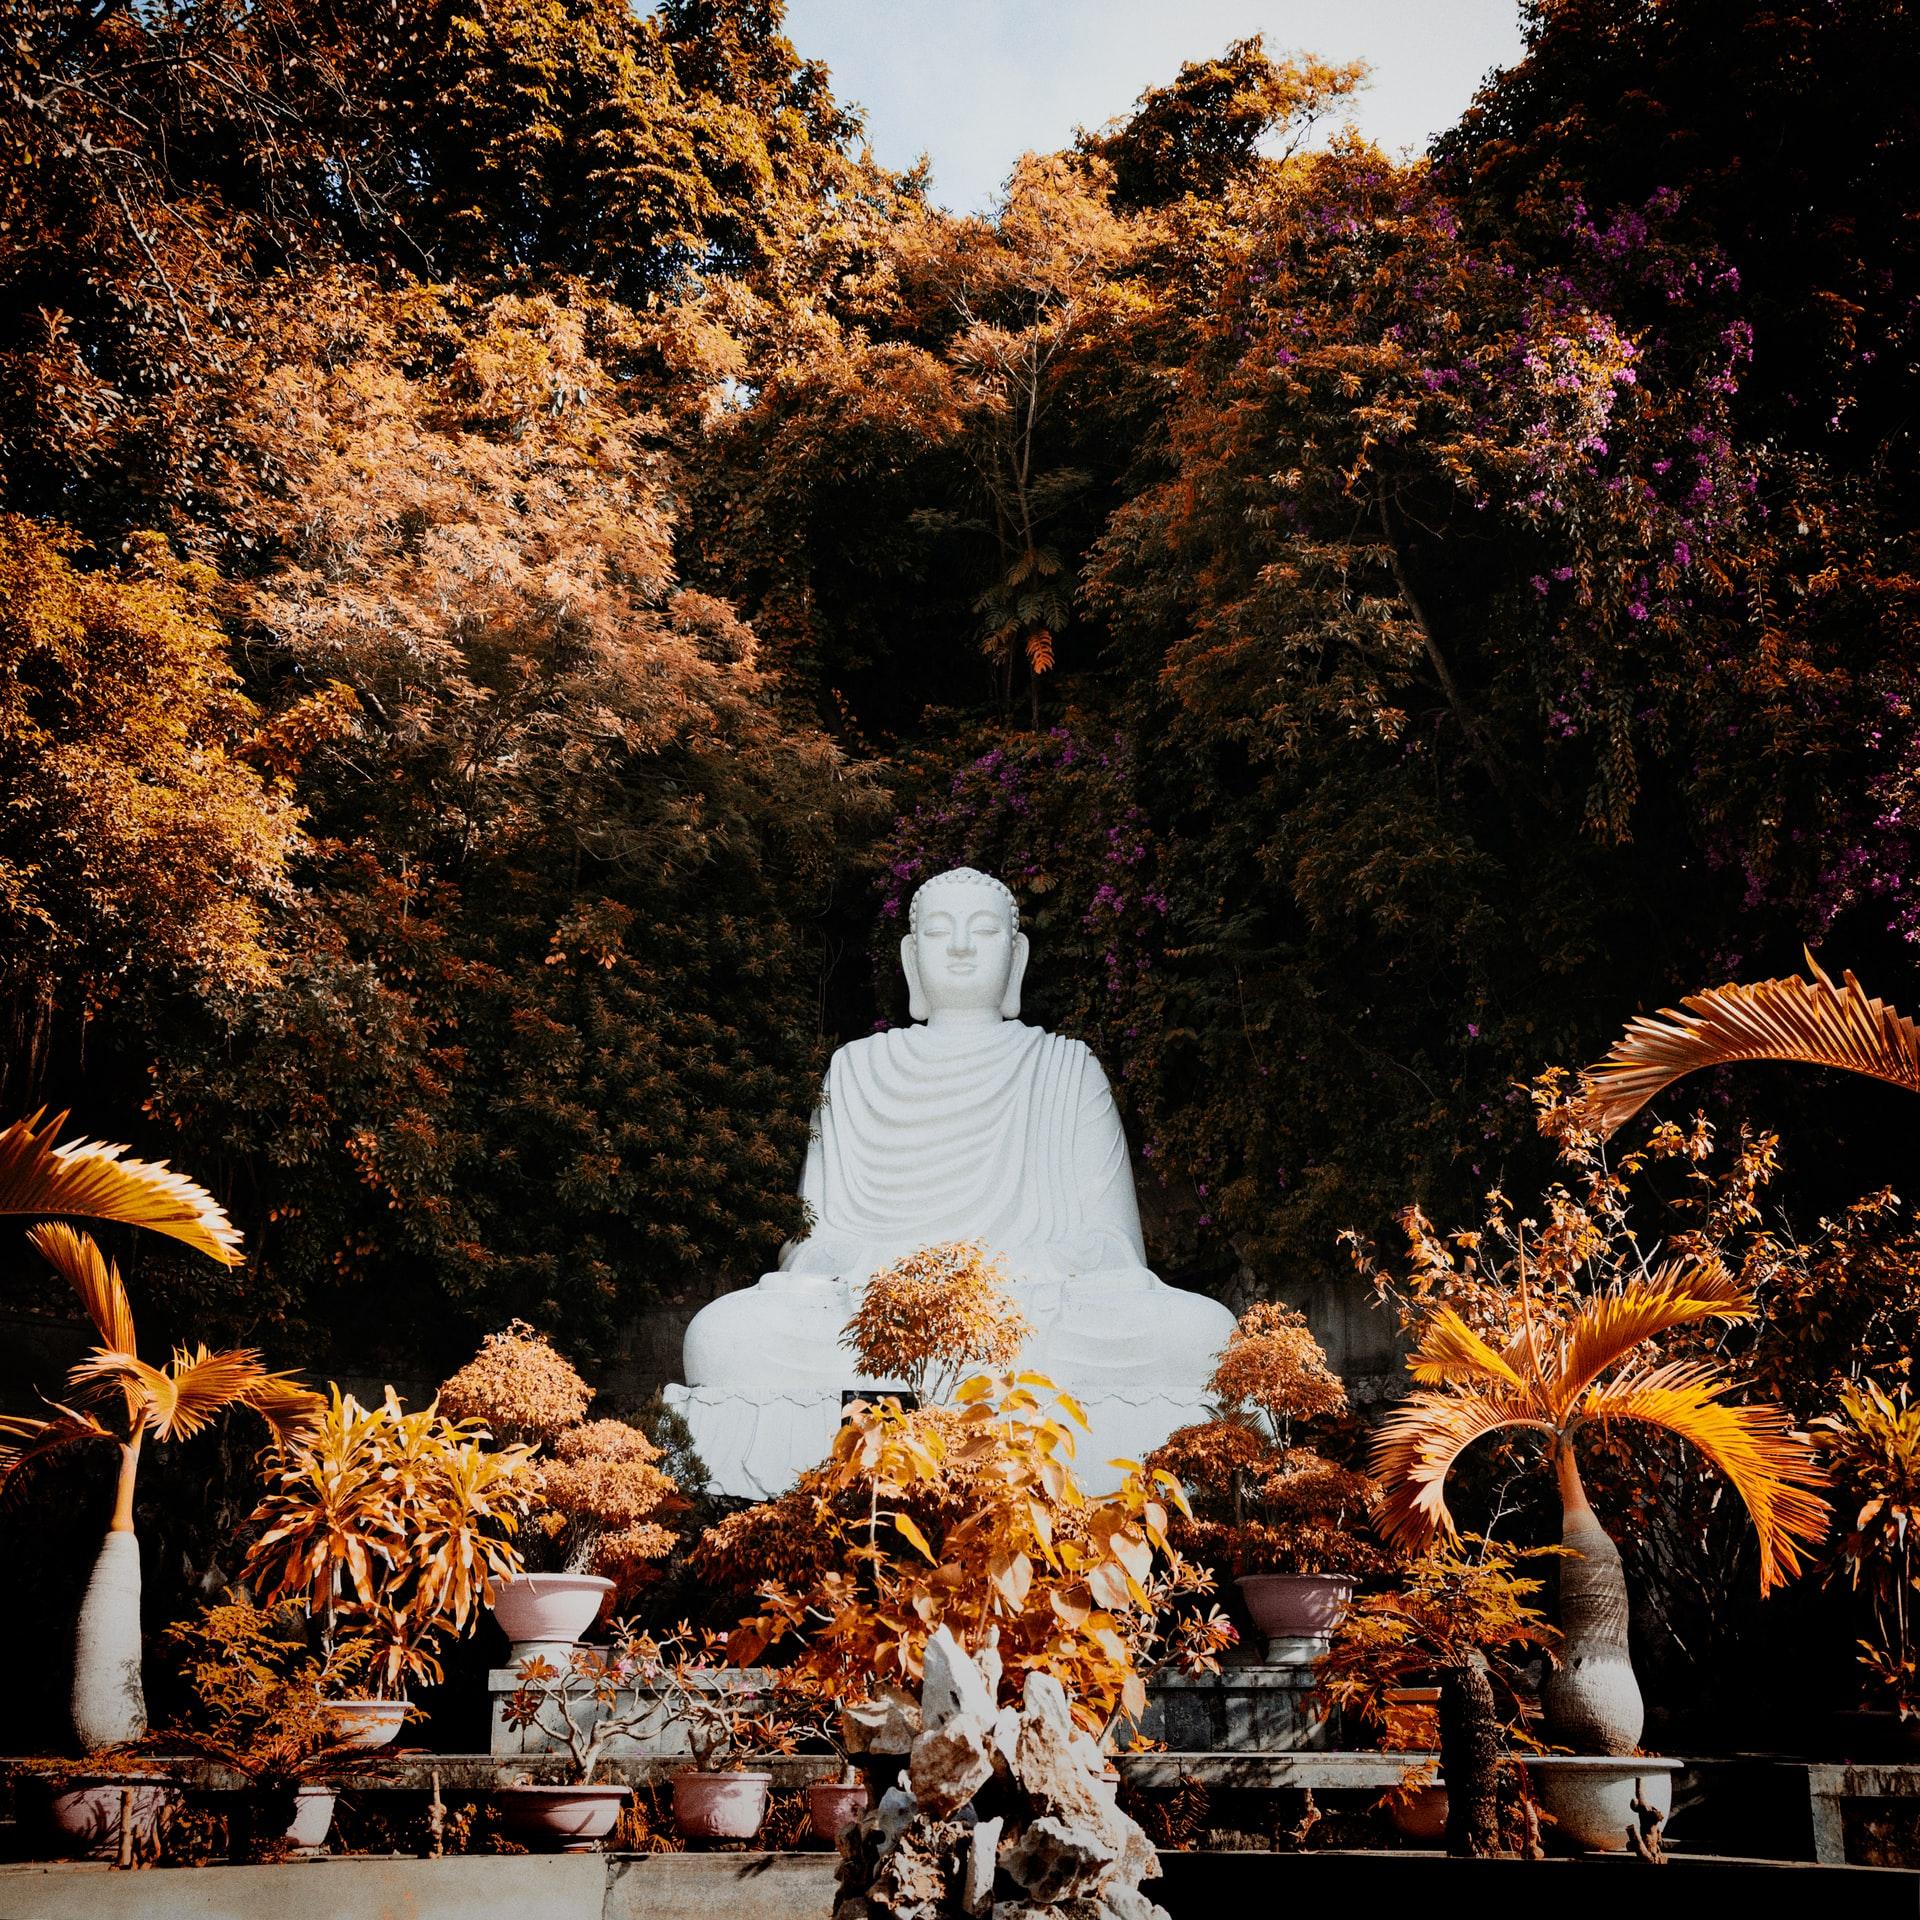 Jesus for Buddhists